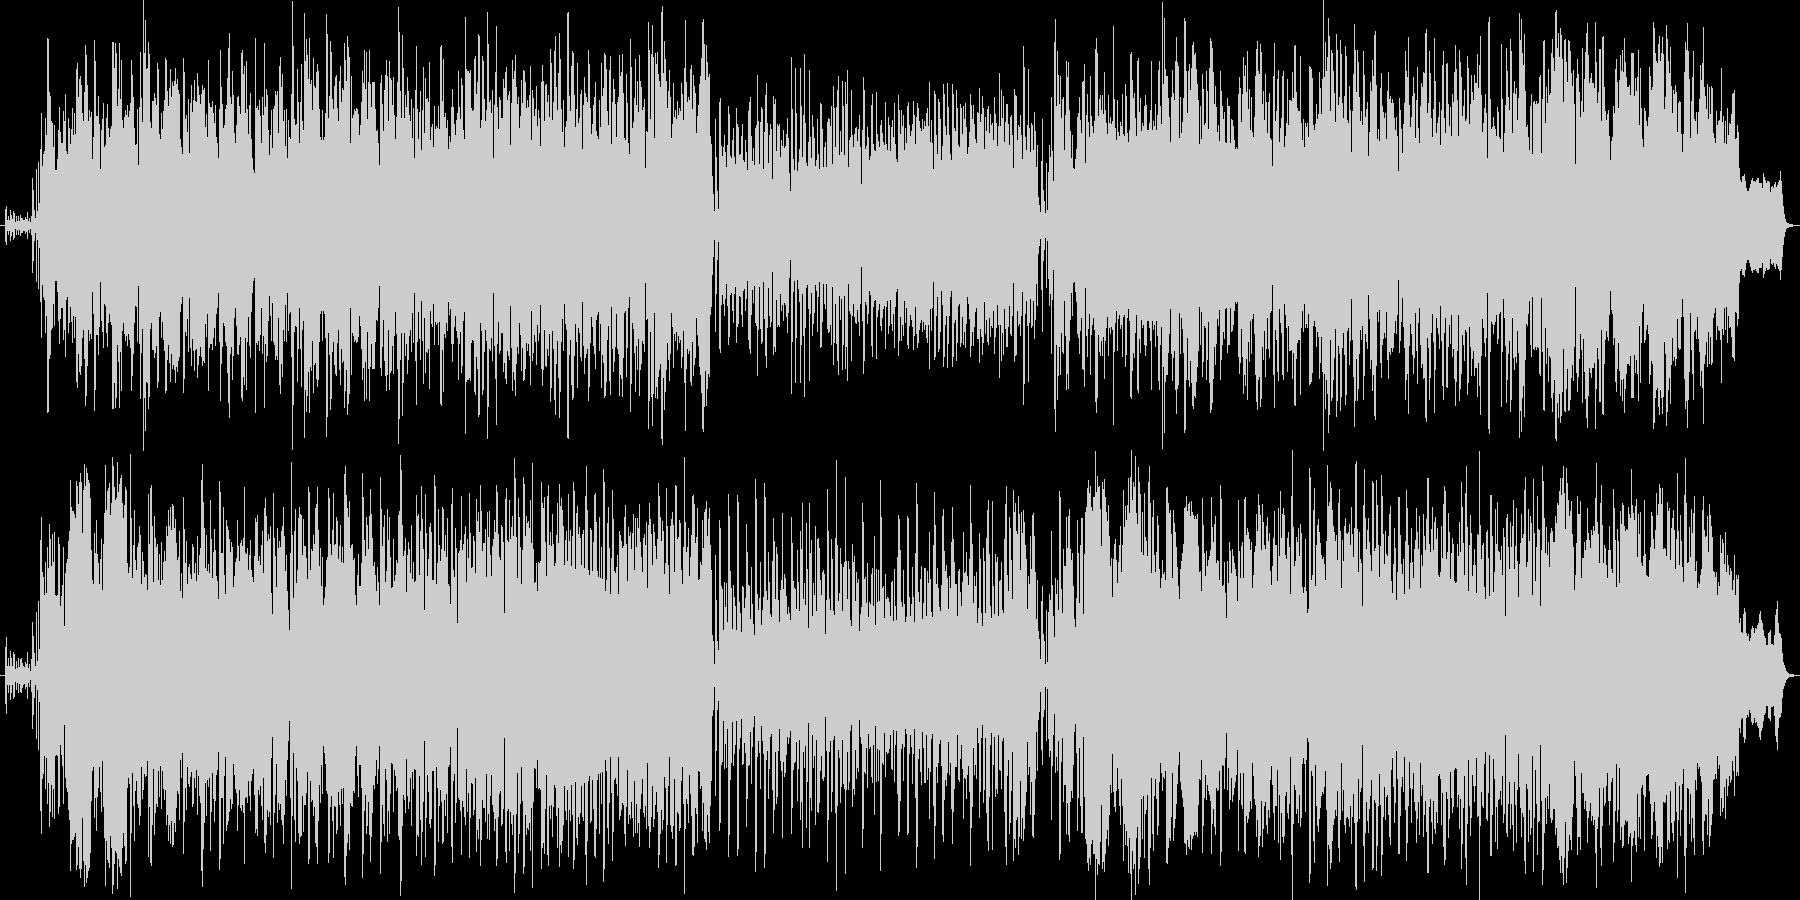 第5チャクラ青色396Hz活性のイメー…の未再生の波形